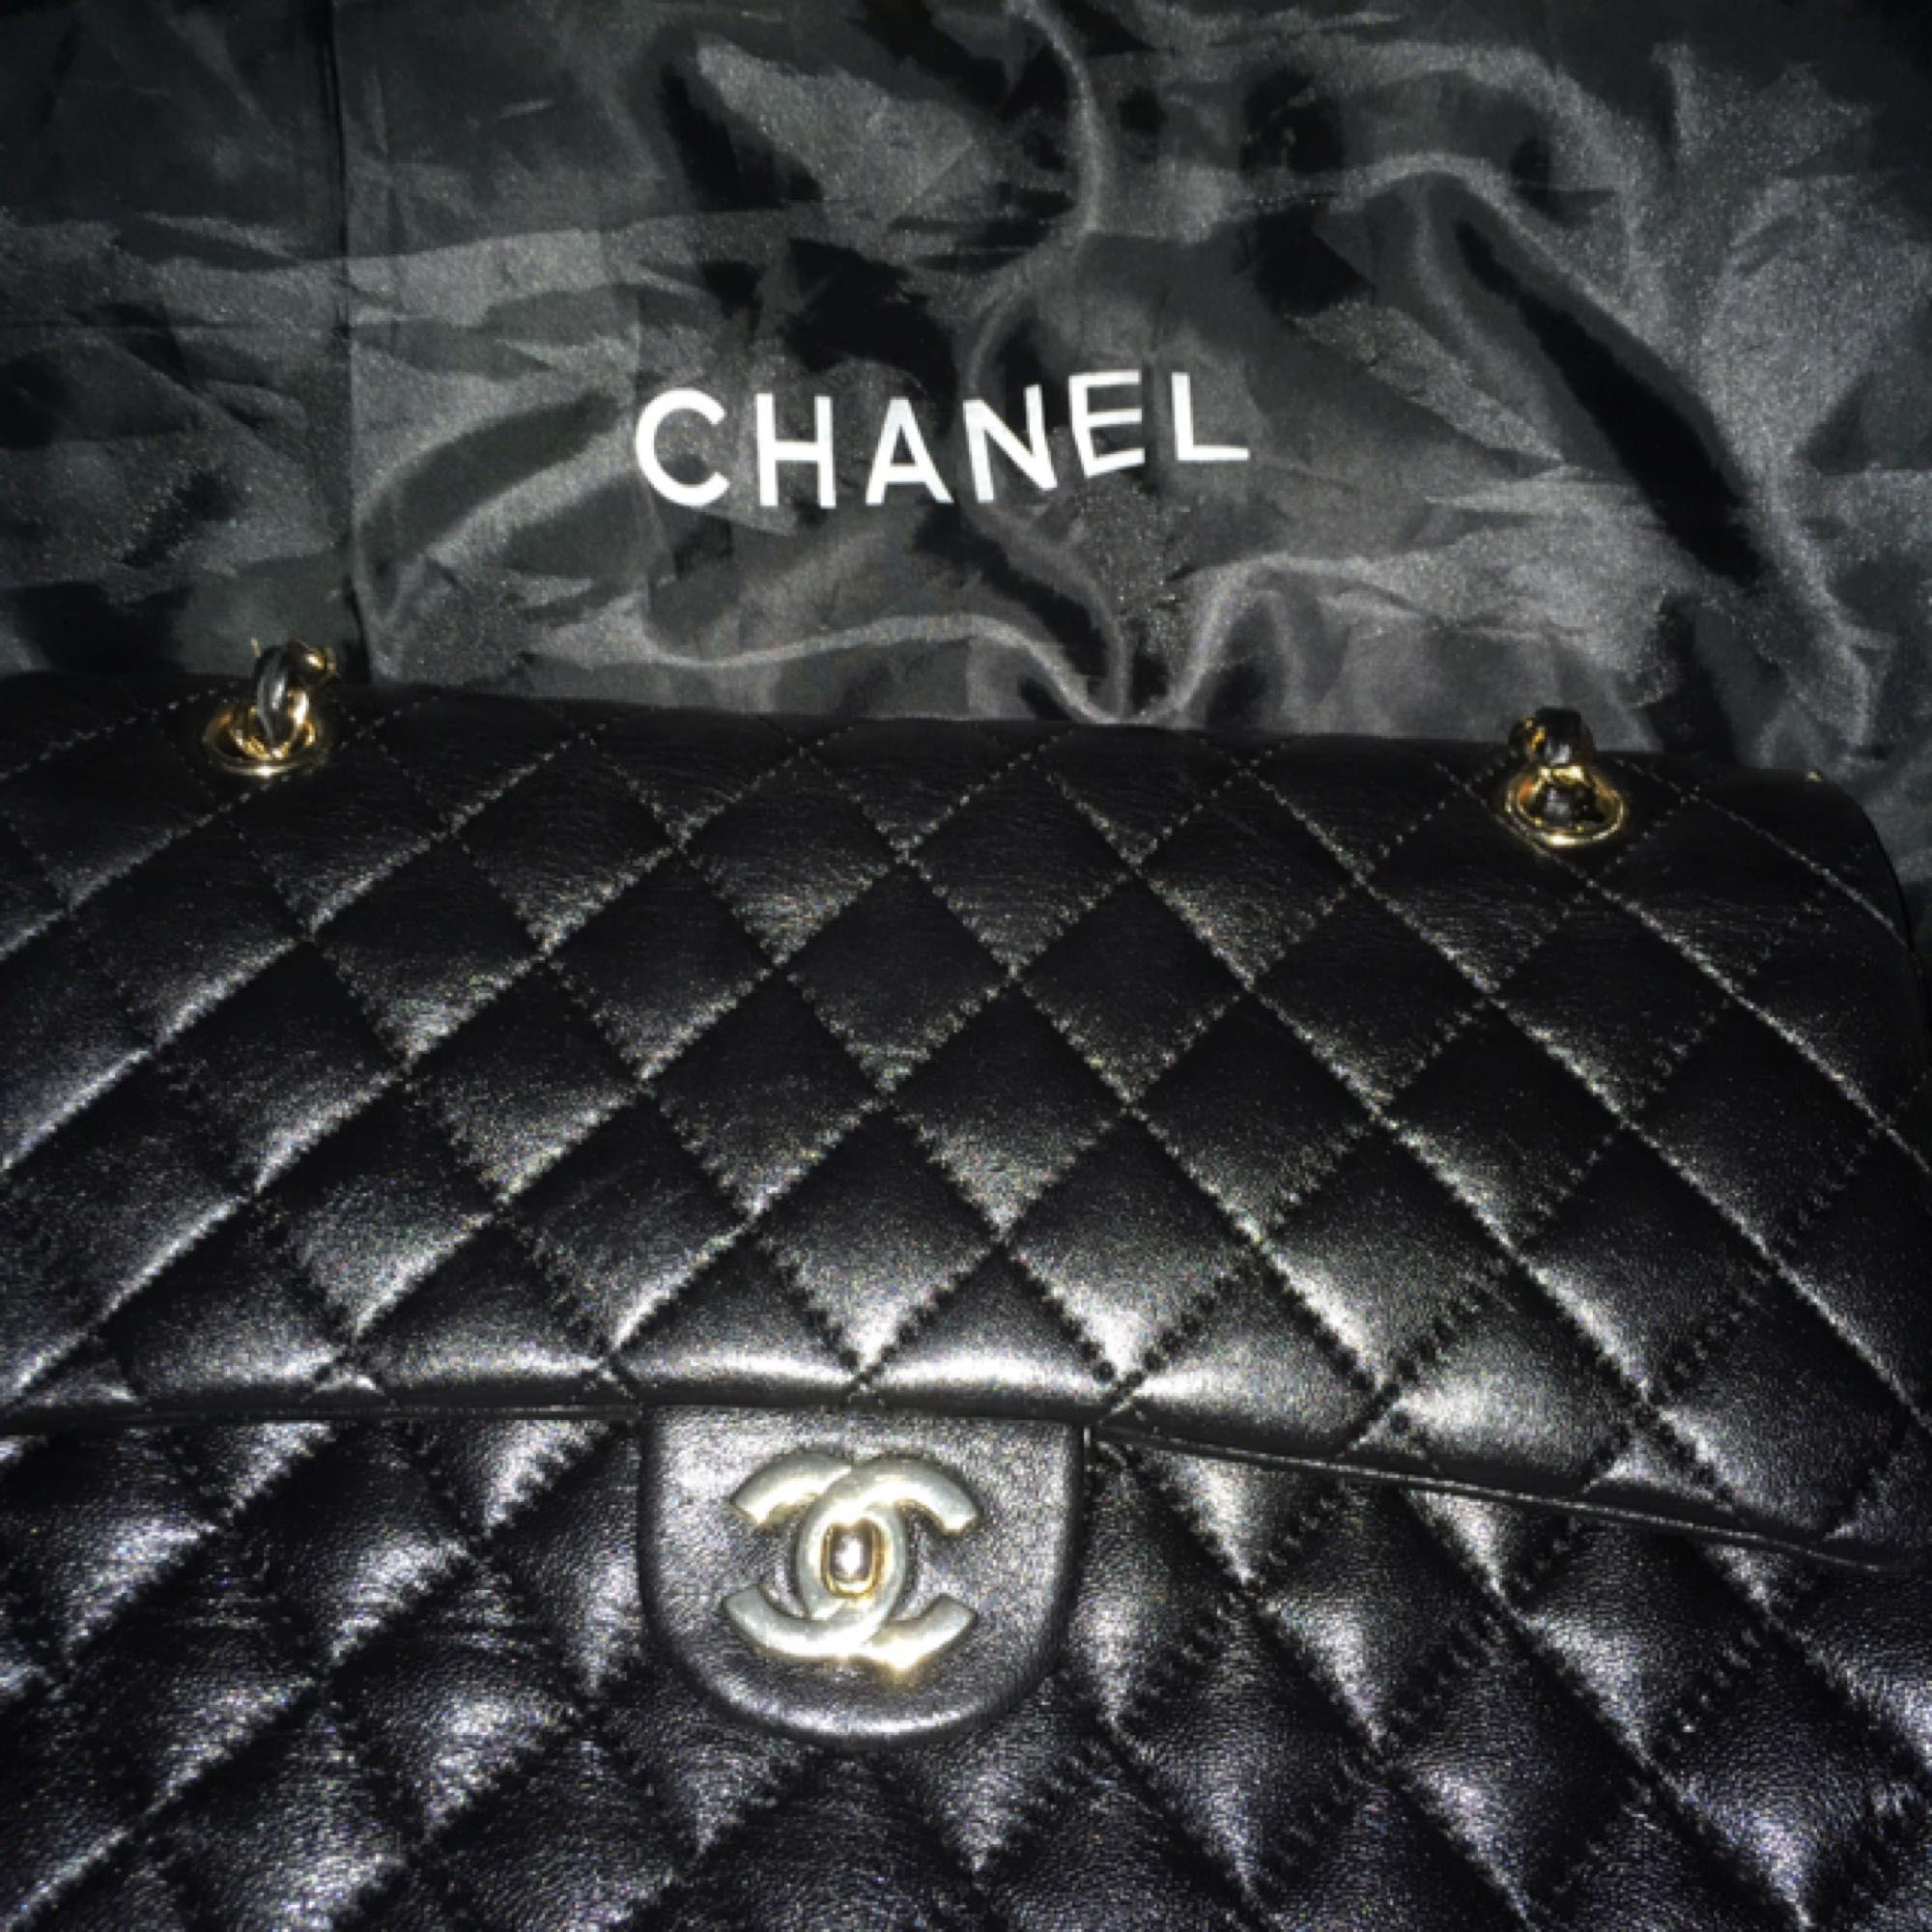 46171e00f0e Chanel taske med dobbelt flig stor, kommer med støvpose o kort, helt ny  købte ...